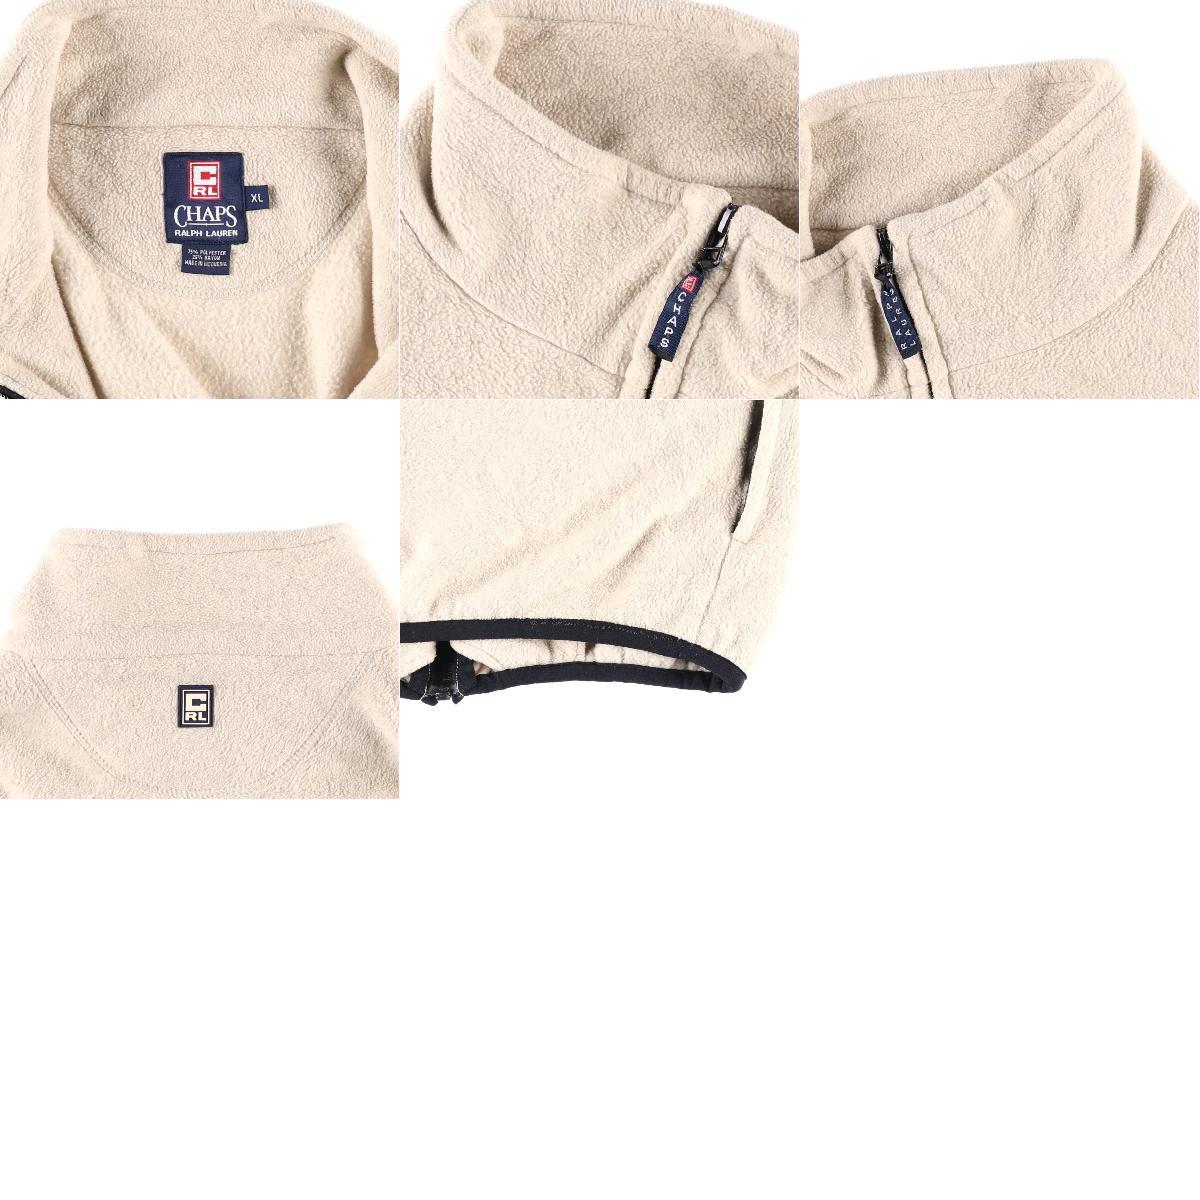 90年代 ラルフローレン Ralph Lauren CHAPS チャップス フリースジャケット メンズXL ヴィンテージwbh4505191010PD191219CS2003SS2006NmvnO8w0